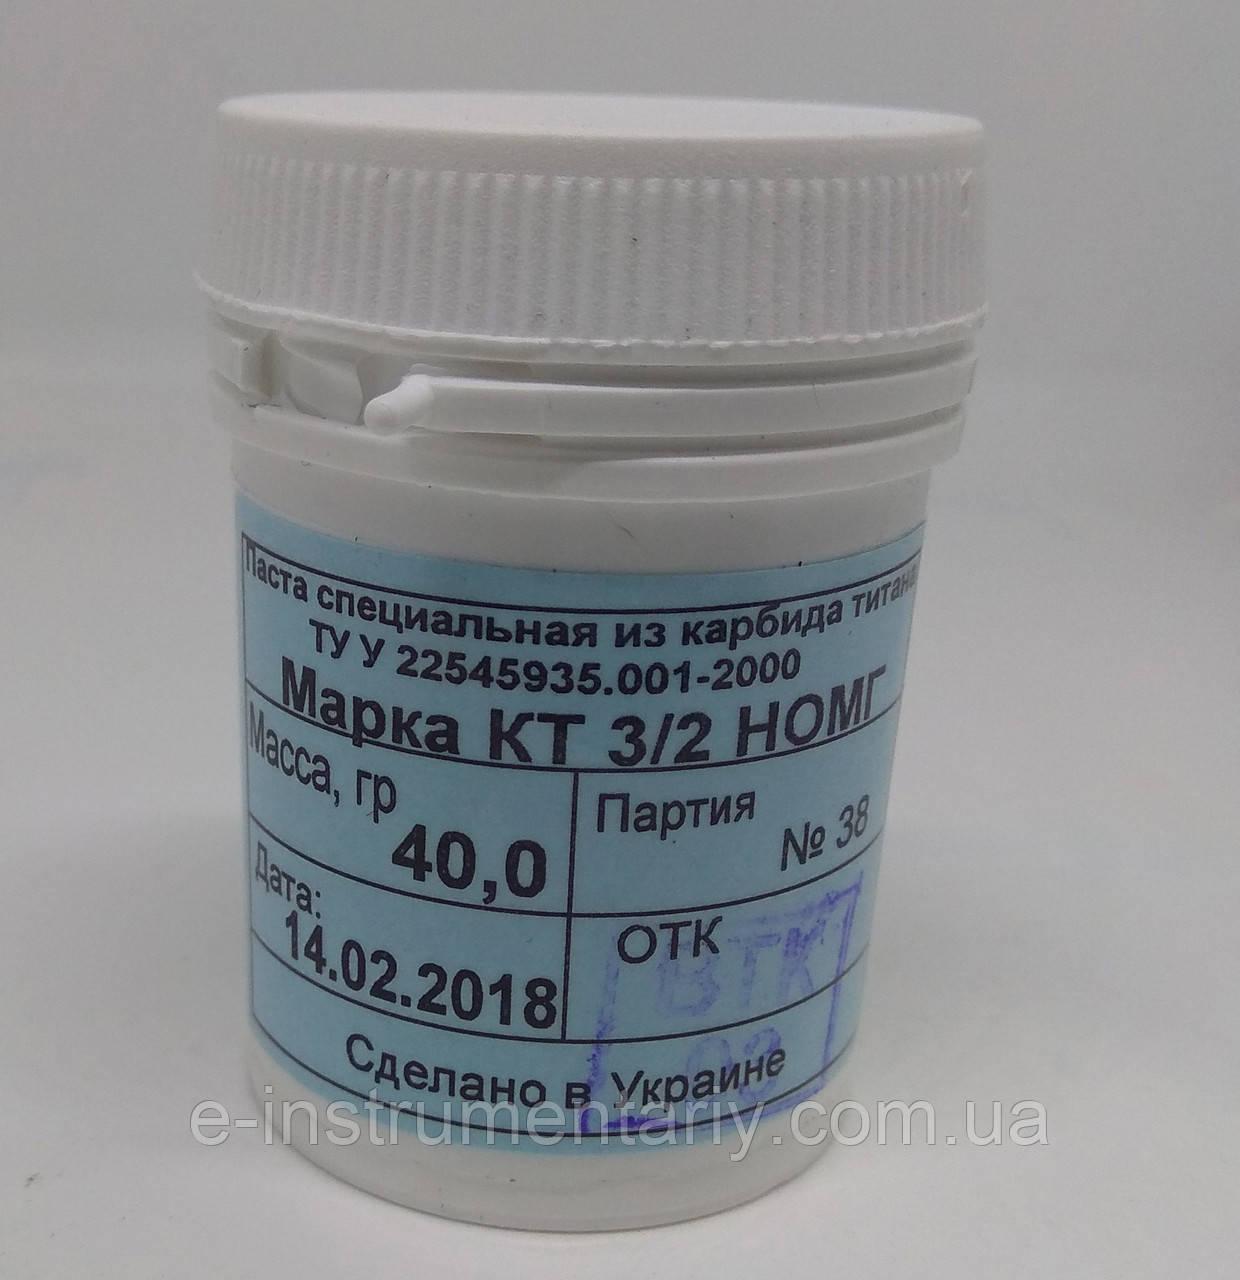 Паста из порошка карбида титана 3/2 НОМГ. 40гр